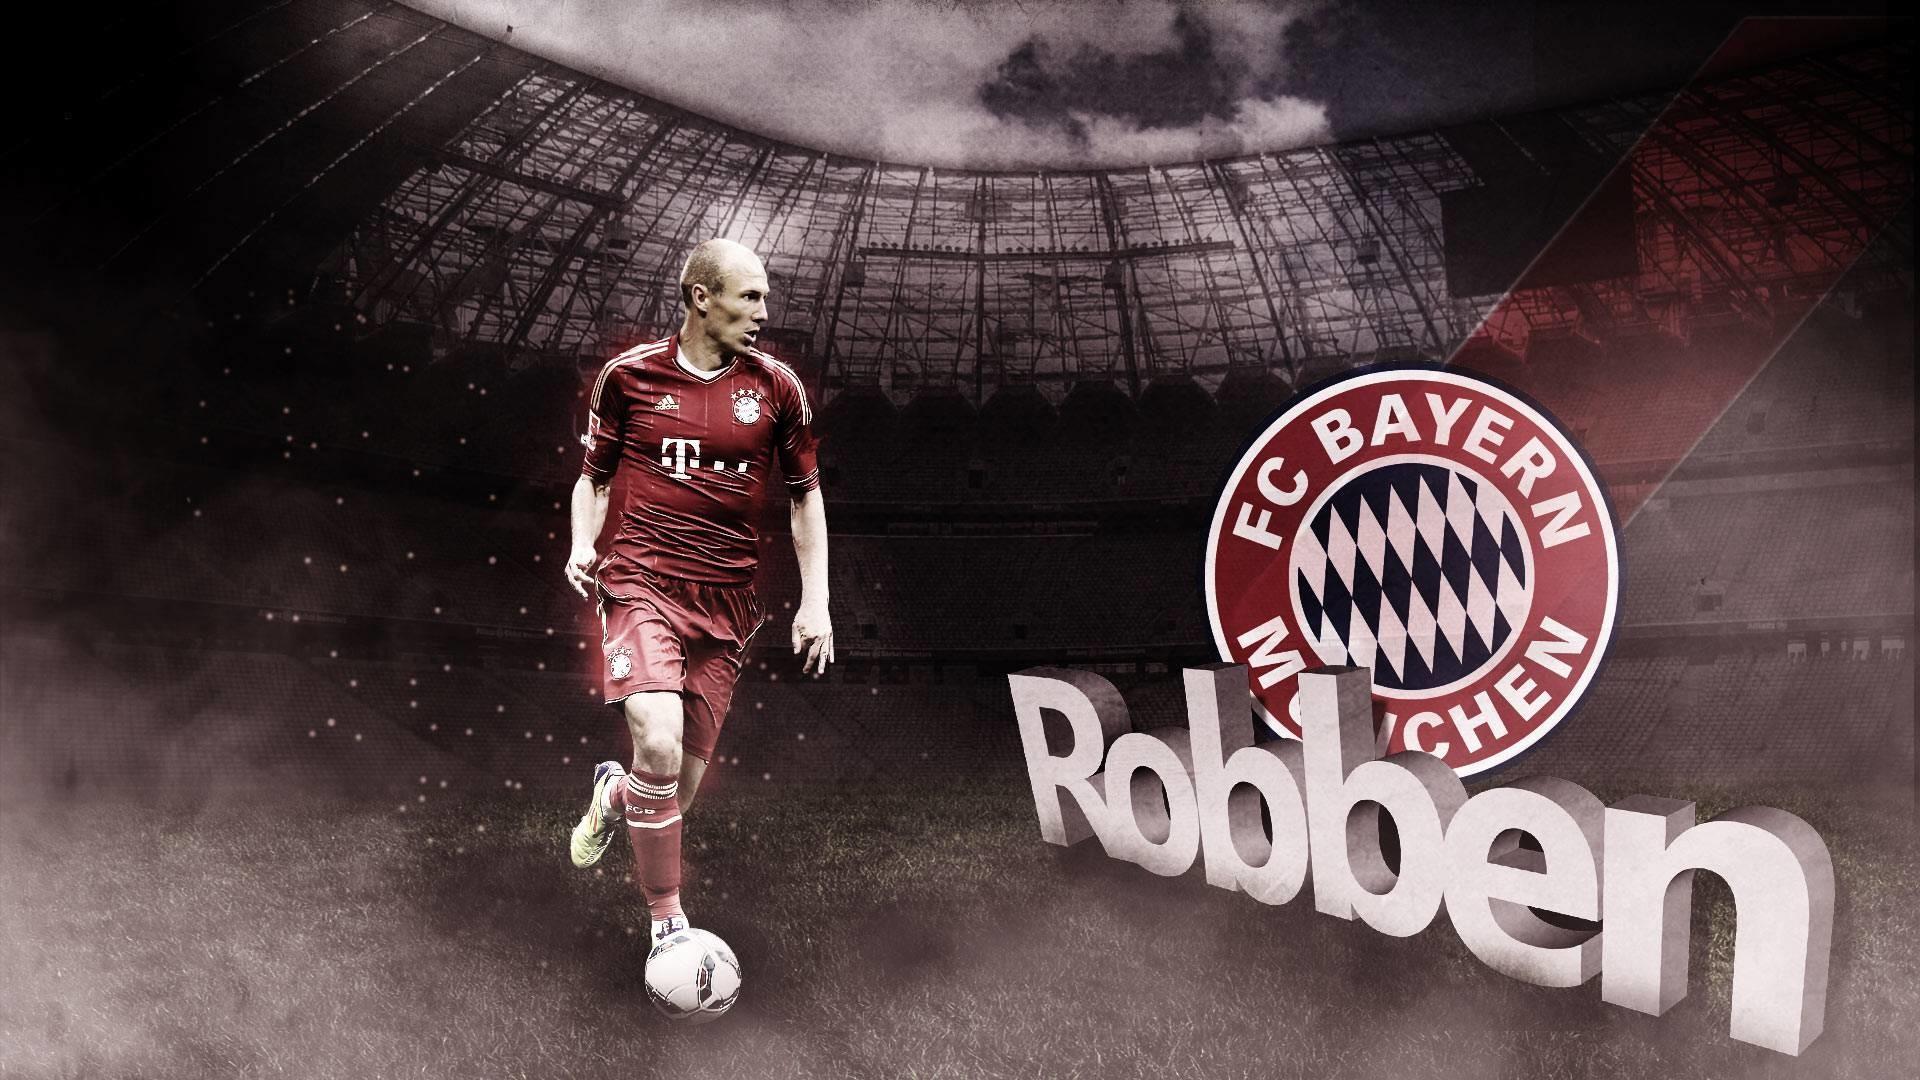 Robben Bayern Munich Wallpaper Robben Bayern Munich Wallpaper – Football HD  Wallpapers